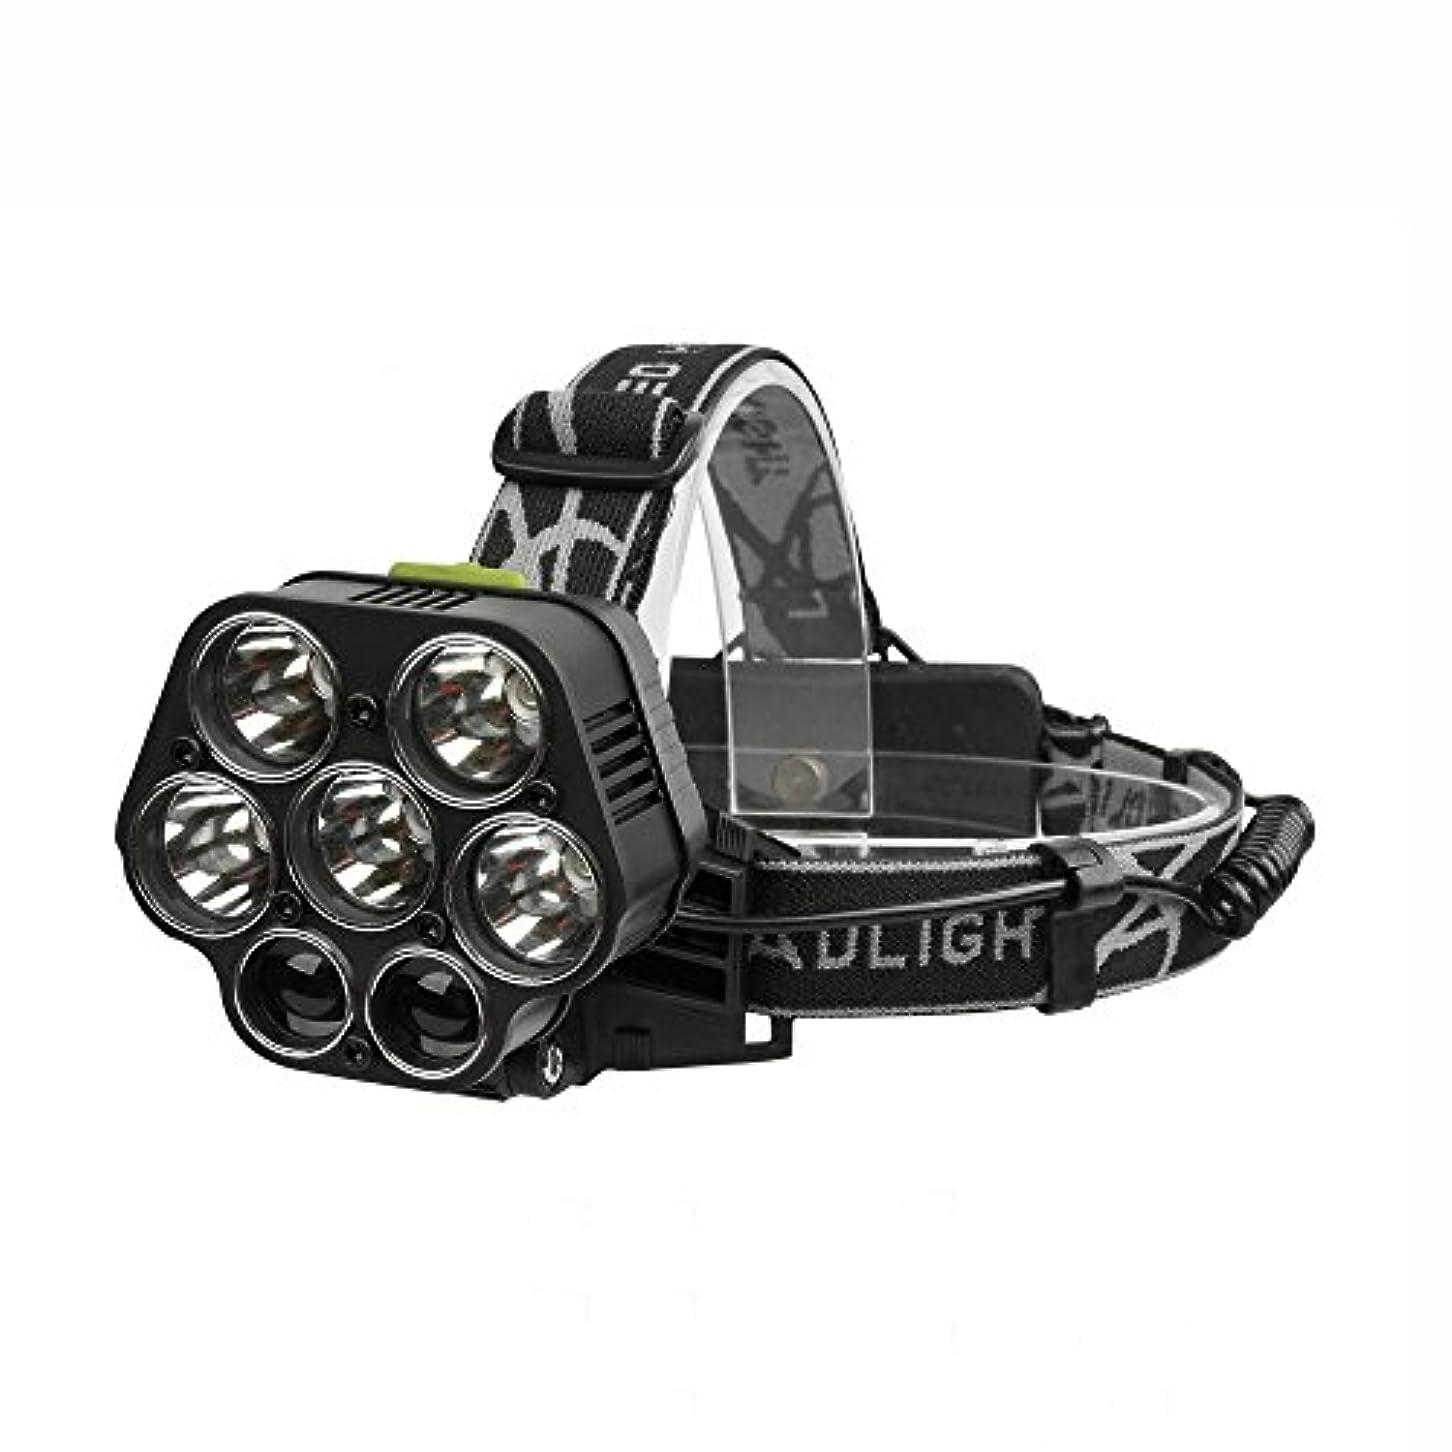 シソーラスアレルギー性スイングXIAOBUDIAN USB充電式クリーXML - 5 * T6 7 LEDヘッドランプヘッドランプ40000ルーメンLED懐中電灯ヘッドライト